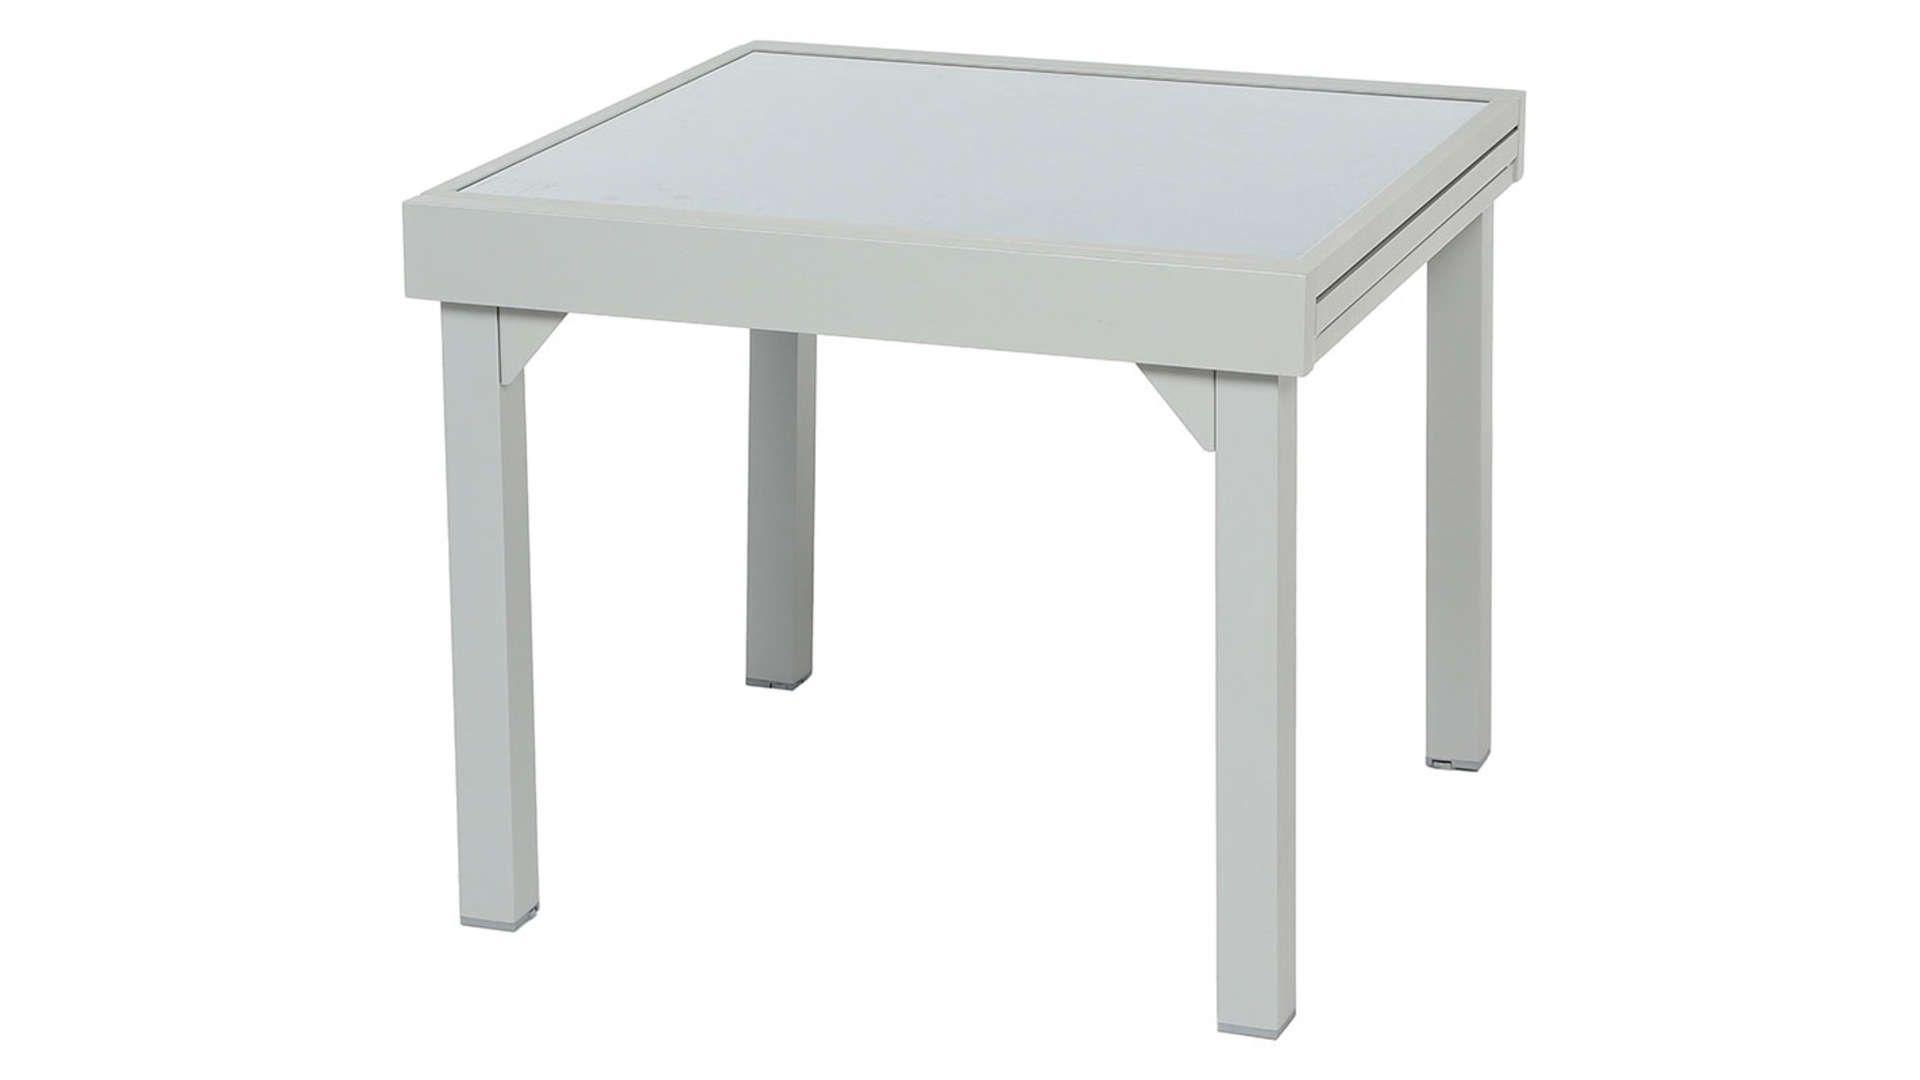 Table De Jardin 90 Cm Avec Allonge-564697 | Table De Jardin ... concernant Conforama Table De Jardin